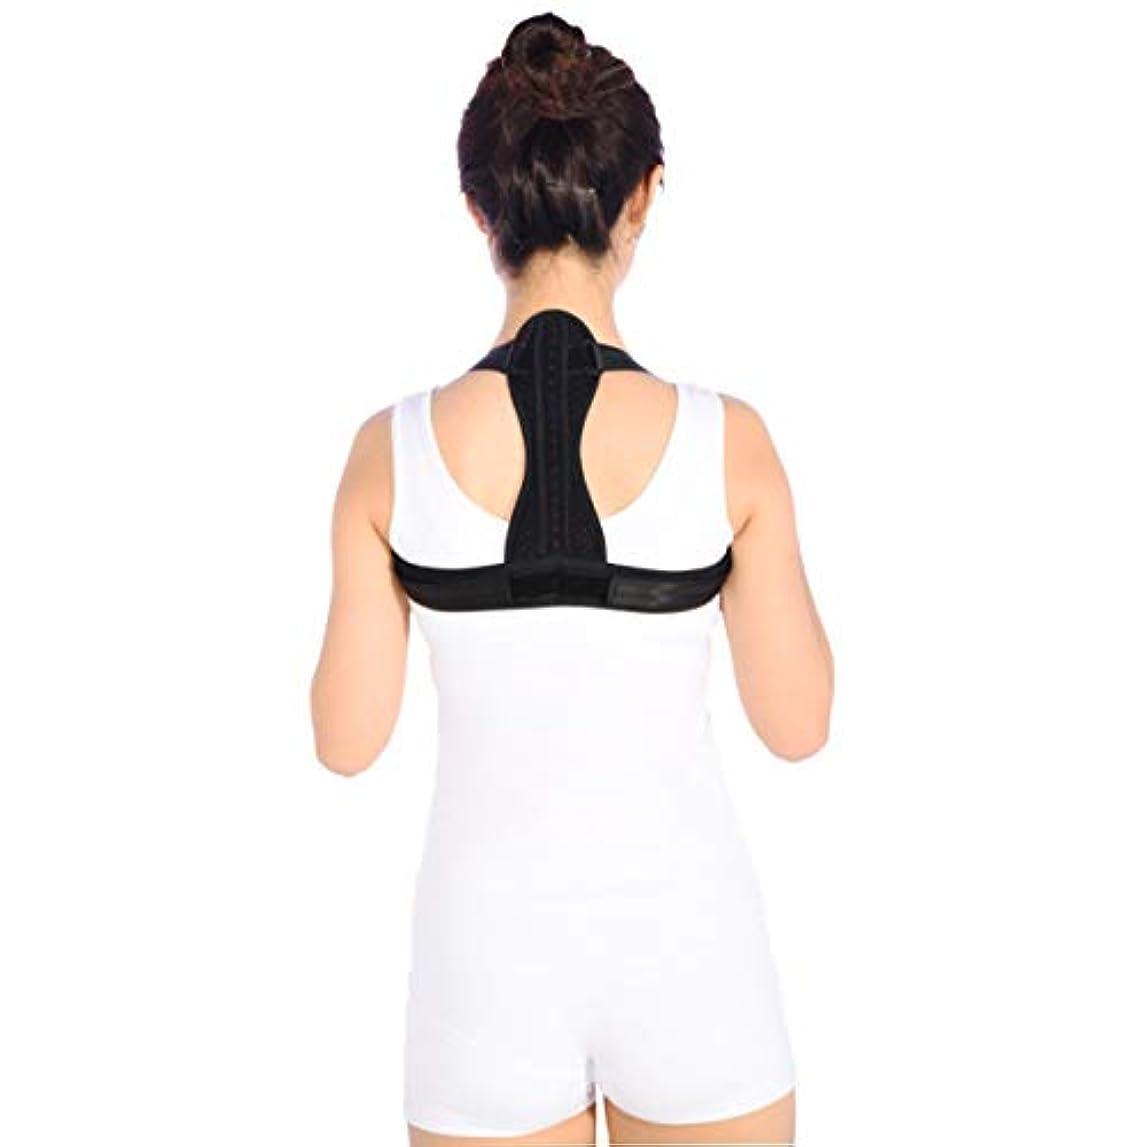 家庭教師近傍彼女通気性の脊柱側弯症ザトウクジラ補正ベルト調節可能な快適さ目に見えないベルト男性女性大人学生子供 - 黒